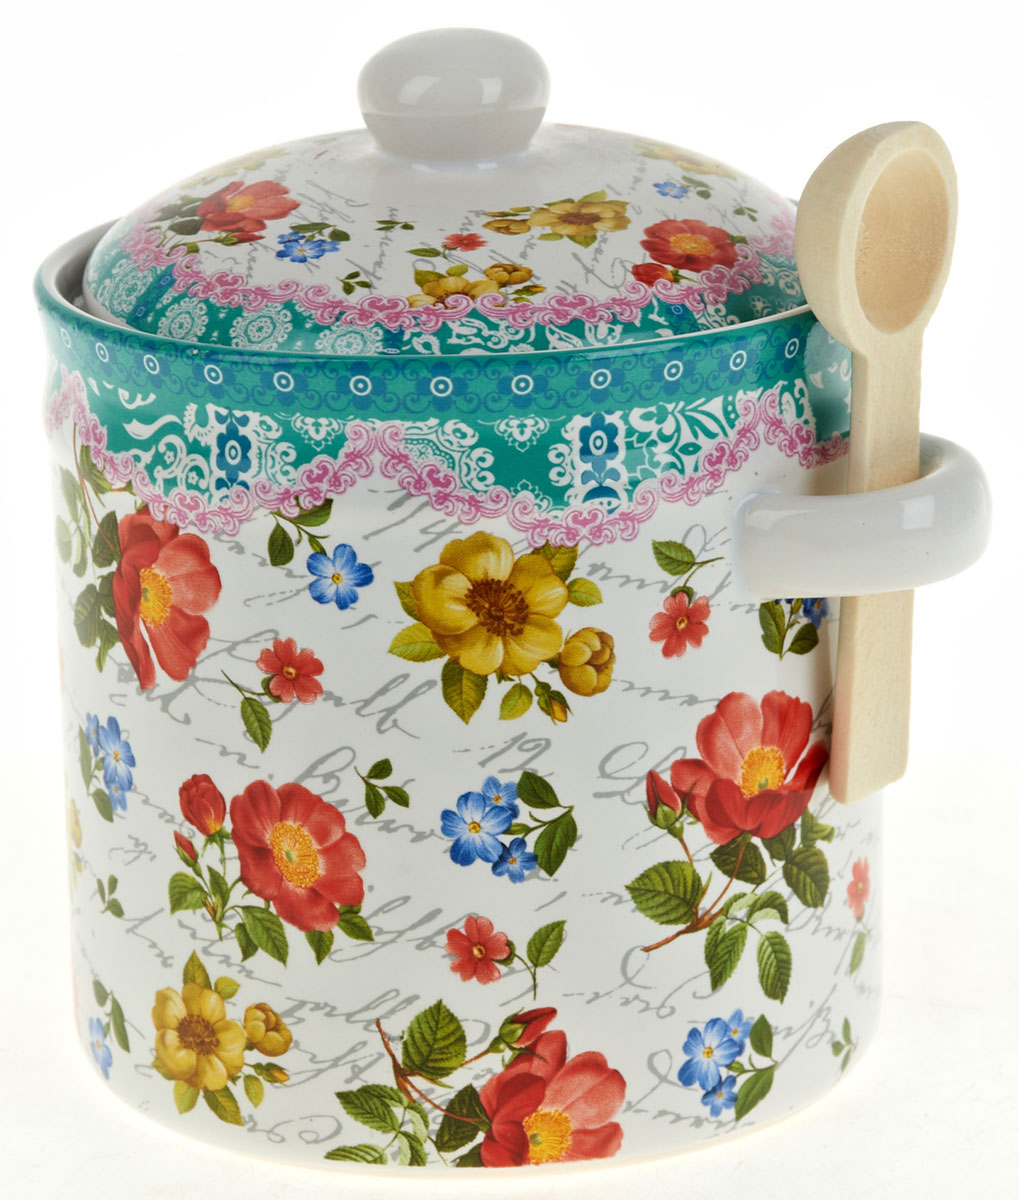 """Баночка для сыпучих продуктов Nouvelle De France """"Цветочная поэма"""" с крышкой и деревянной ложечкой. Изготовлена из керамики. Будет уместна в любом интерьере.  Изделие упаковано в подарочную коробку."""